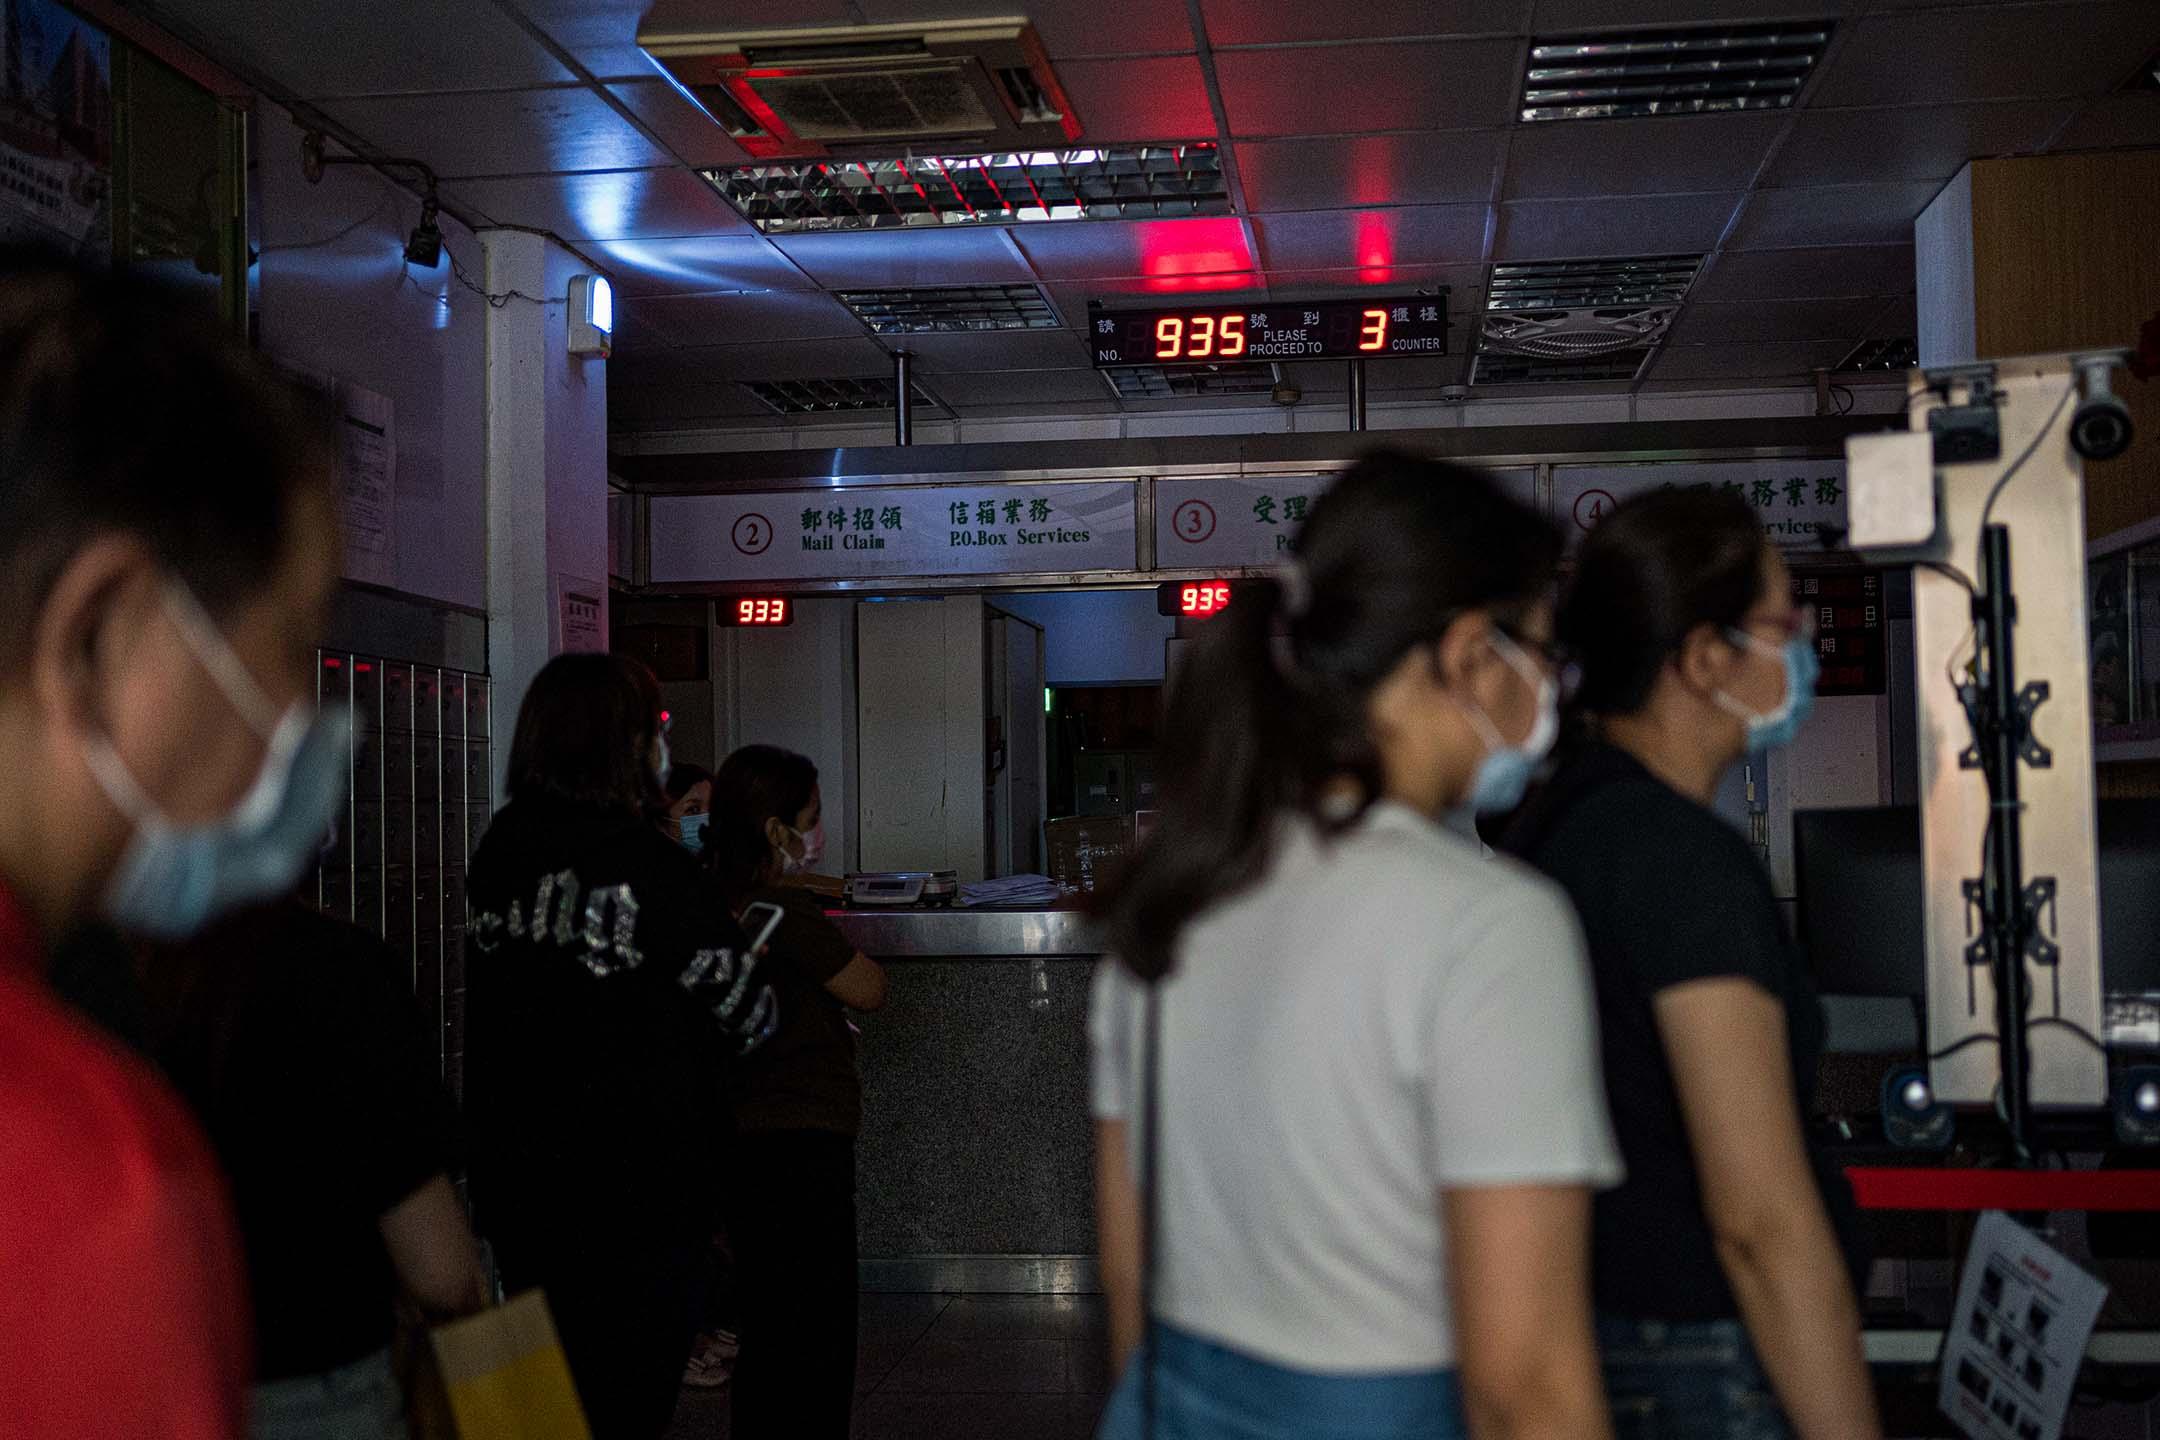 2021年5月13日台北,停電期間市民在郵局等候。